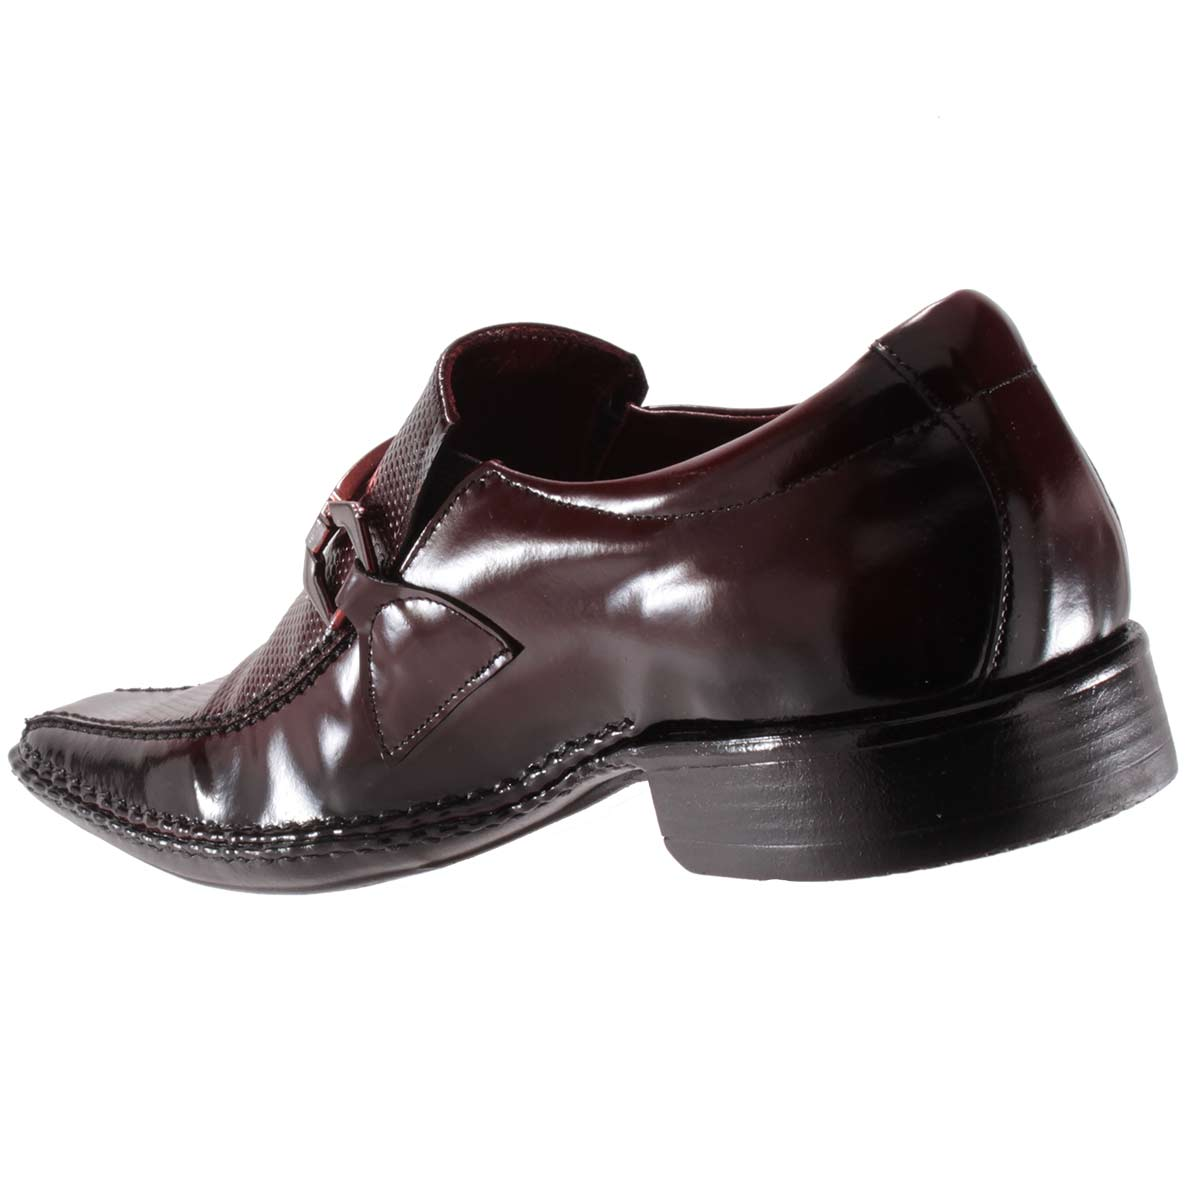 Sapato Social Gofer Masculino Fivela Couro Verniz Legítimo 0571